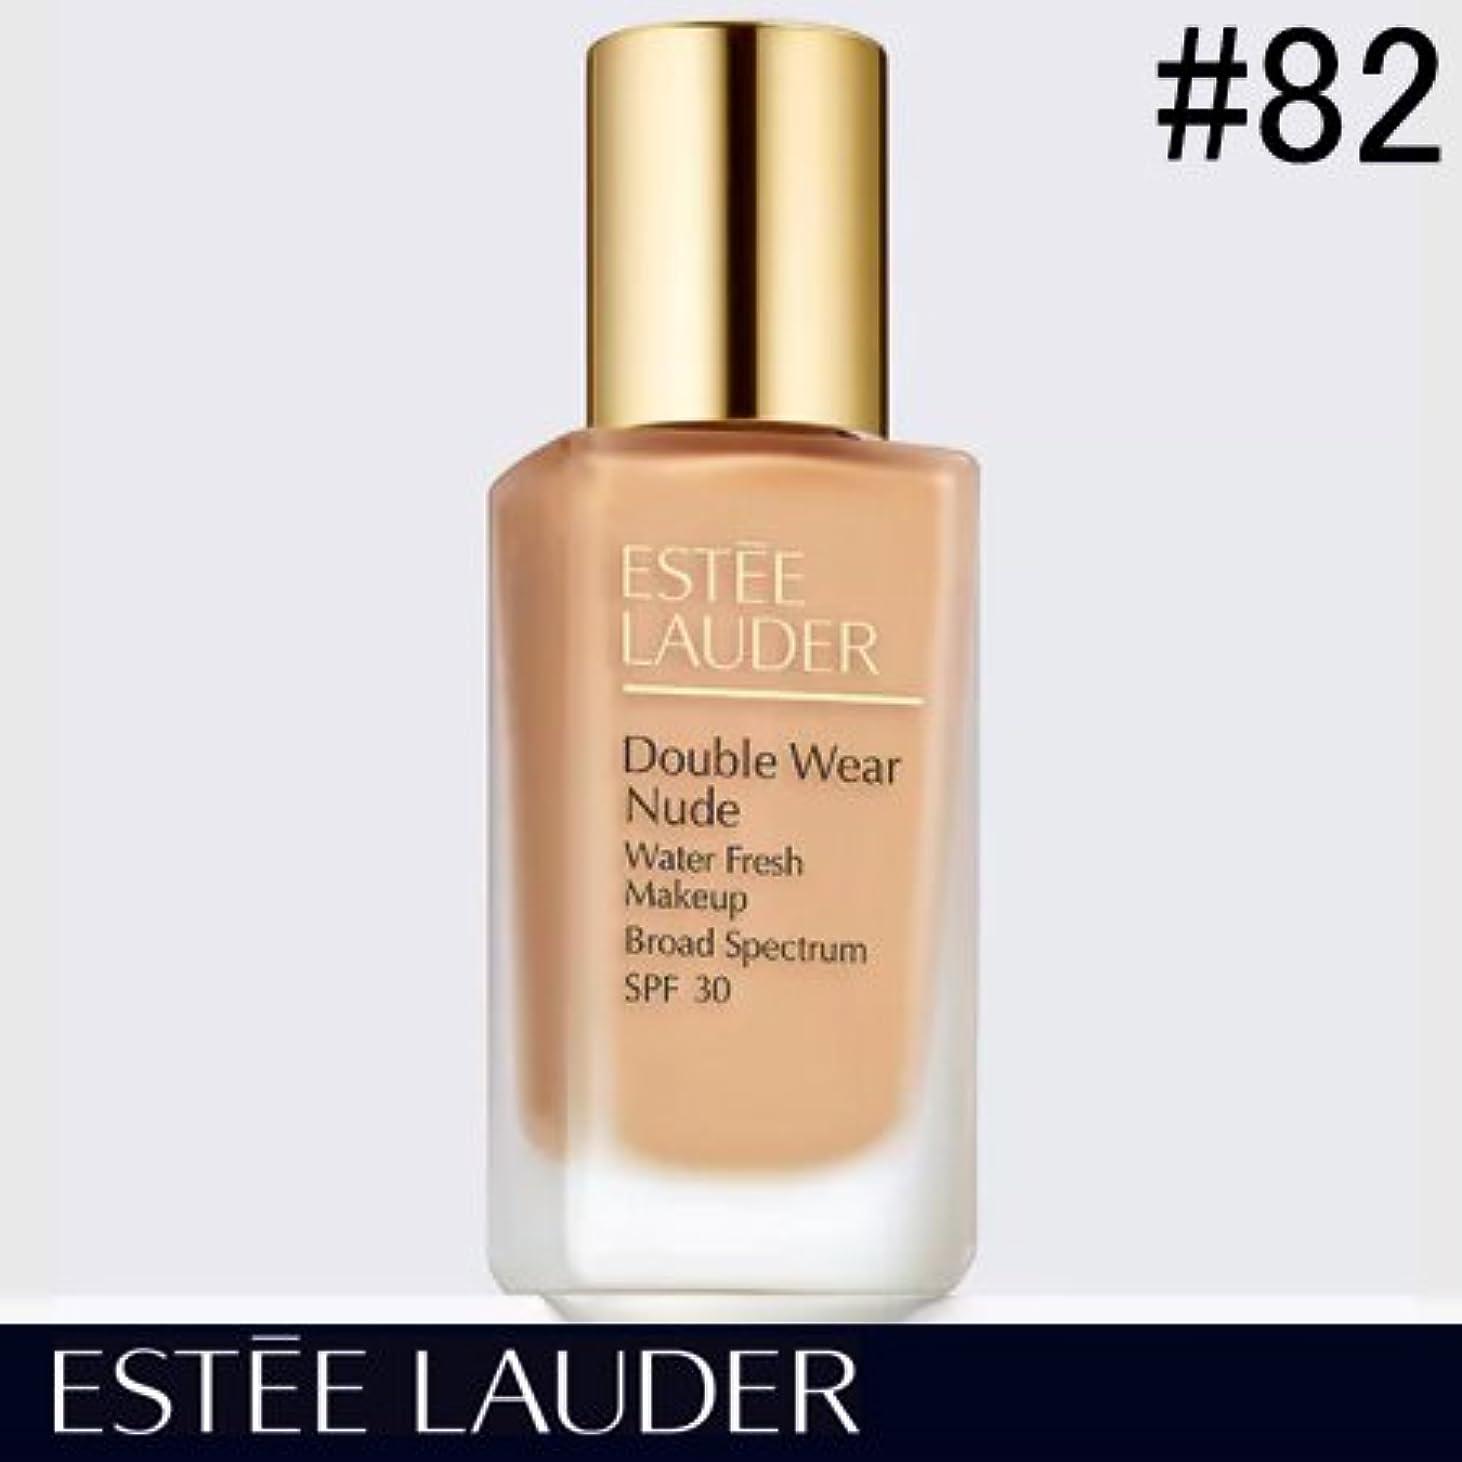 胚芽普遍的な同一のエスティローダー ダブル ウェア ヌード ウォーター フレッシュ メークアップ #82 ウォームバニラ -ESTEE LAUDER-